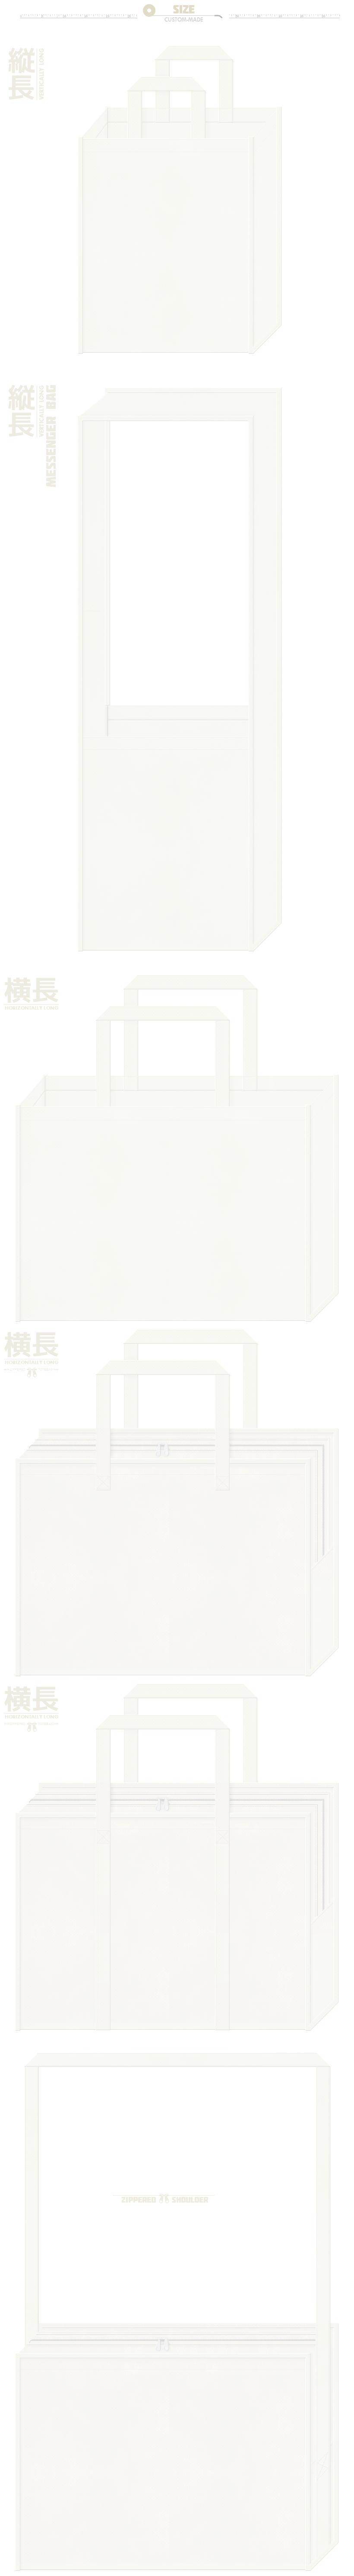 オフホワイト単色にお奨めのイメージ:白寿・お米・麺・麹・ナチュラル・壁紙・和紙・濃厚ミルク・練乳・ソフトクリーム・真珠・ドレス